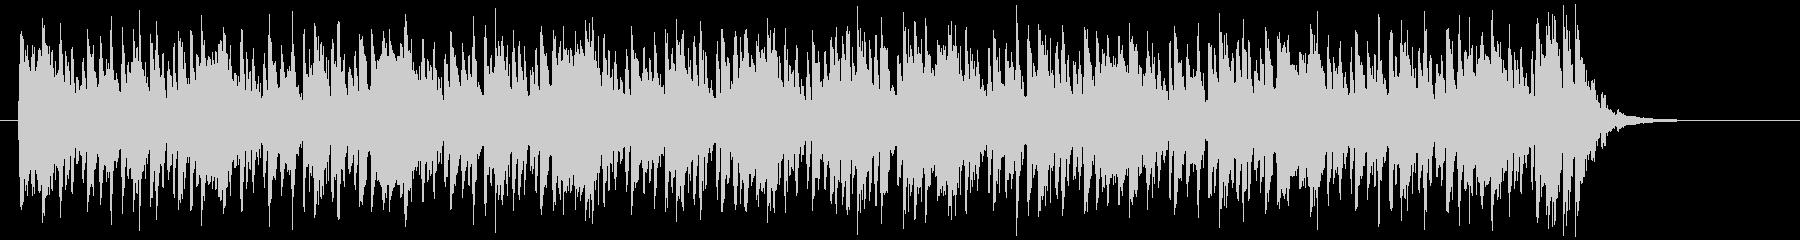 スピーディーで緩やかなシンセジングルの未再生の波形